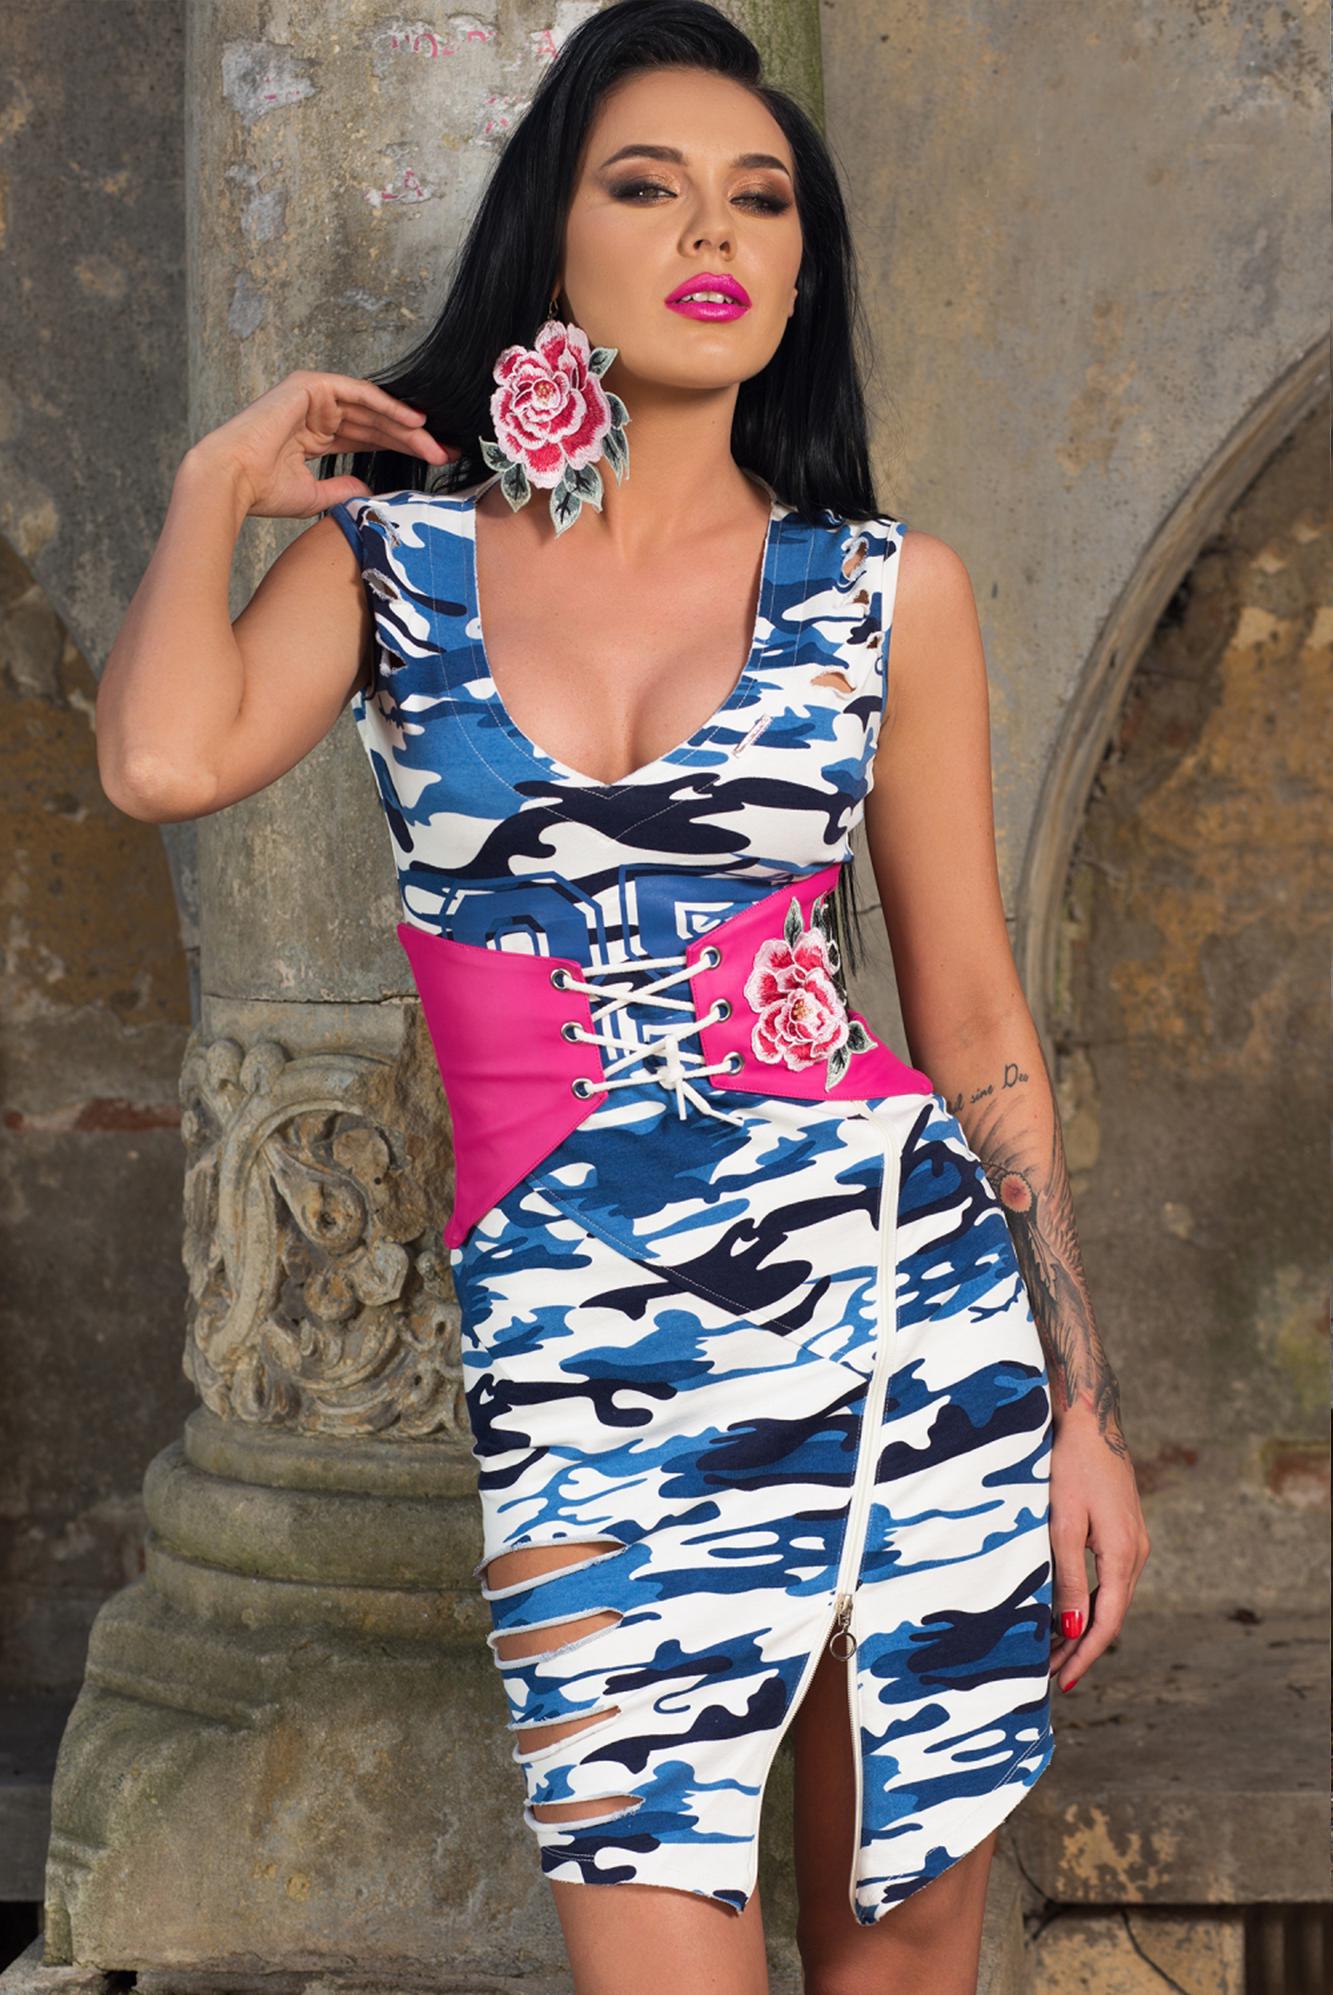 c977a1fed5 Dámske maskáčové šaty Foggi BLUE ARMY - S - BOUTIQUE.SK